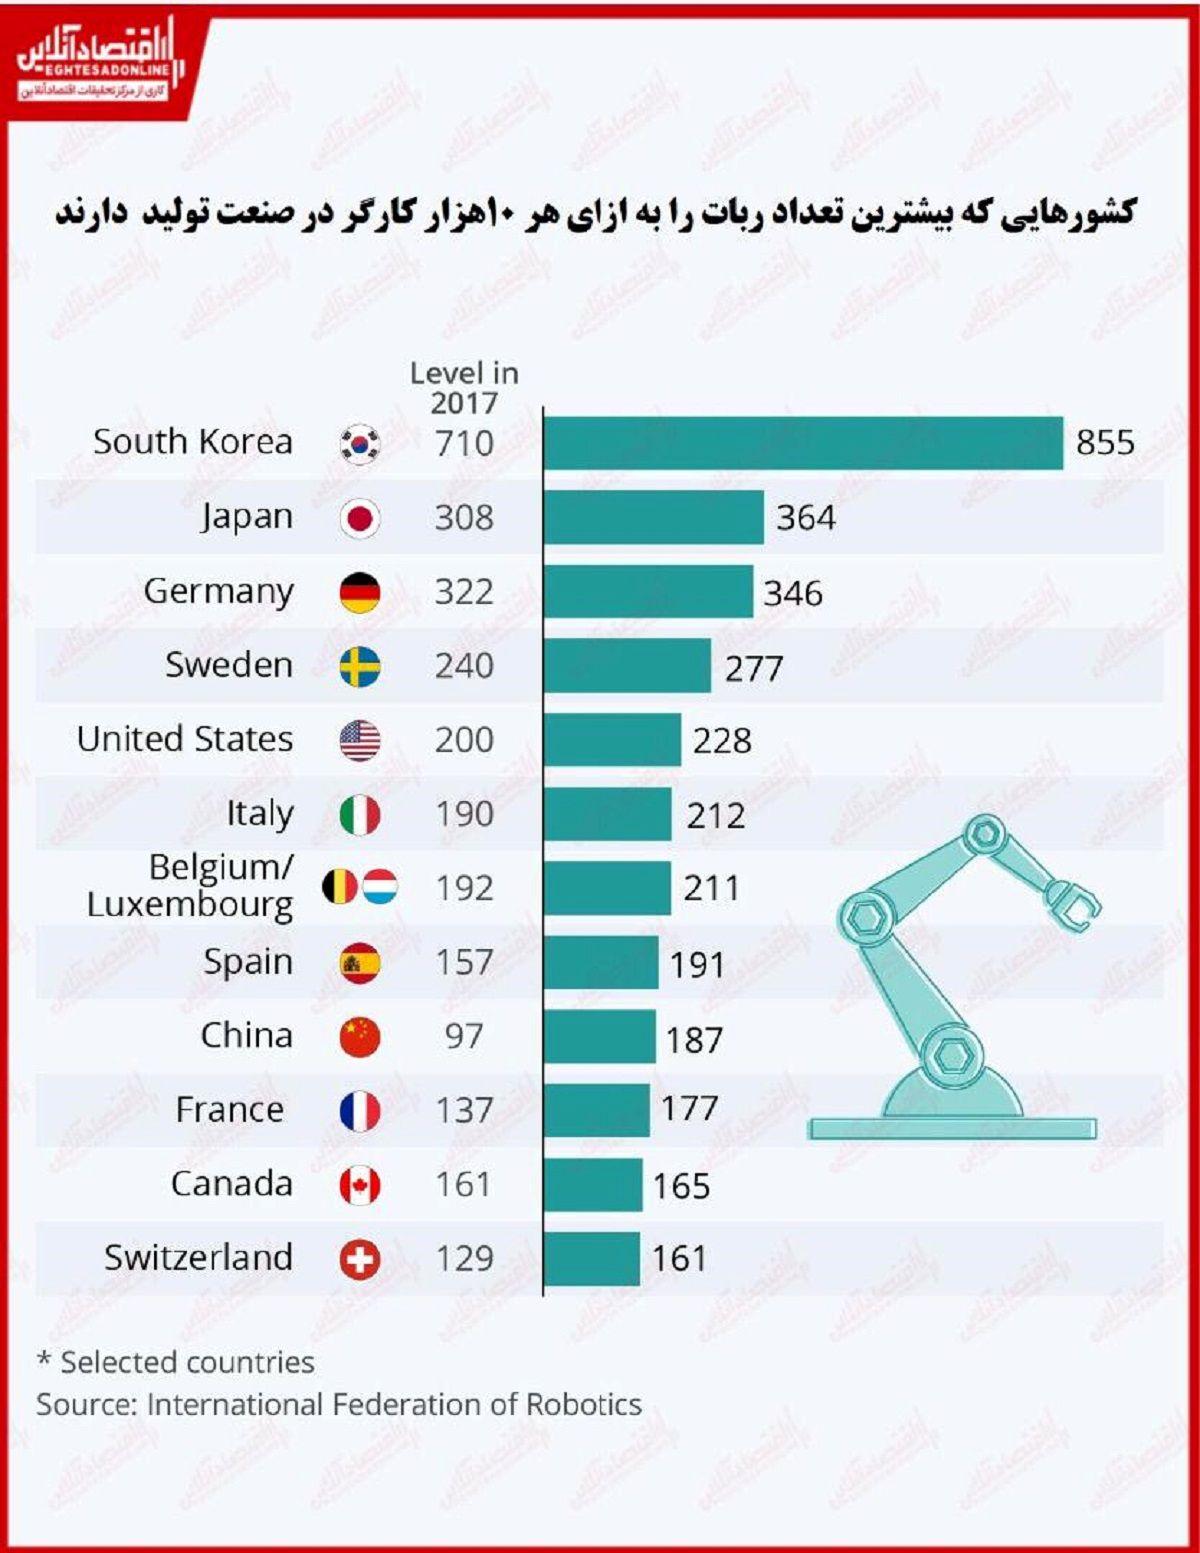 کدام کشورها بیشترین تعداد ربات را در صنعت دارند؟/ پیشتازی کشورهای آسیایی در استفاده از ربات به جای انسان